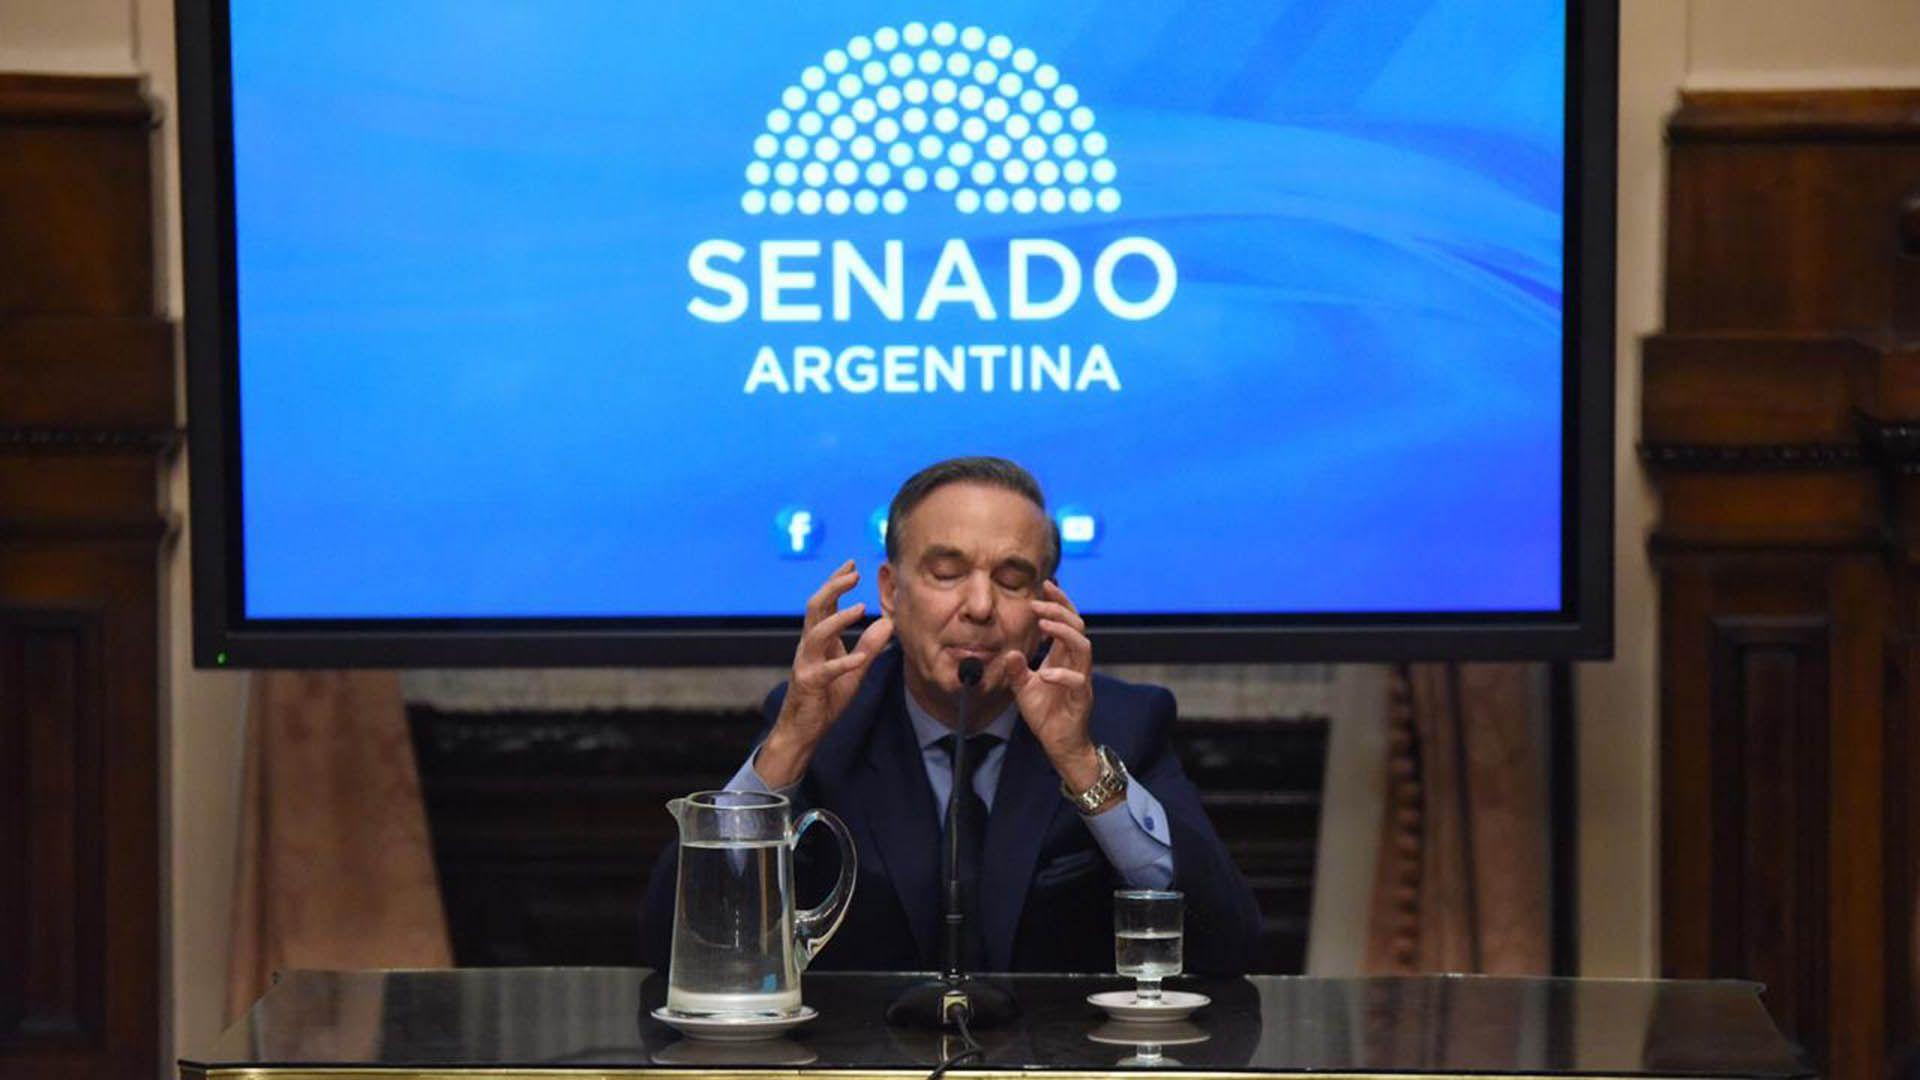 Miguel Ángel Pichetto, senador peronista y candidato a vicepresidente de Macri (Julieta Ferrario)